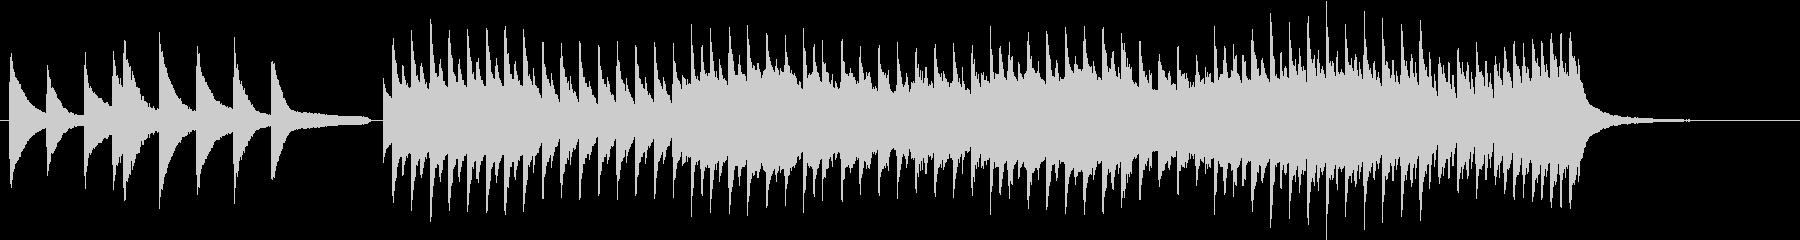 ピアノとバイオリンの軽くて短いBGMの未再生の波形